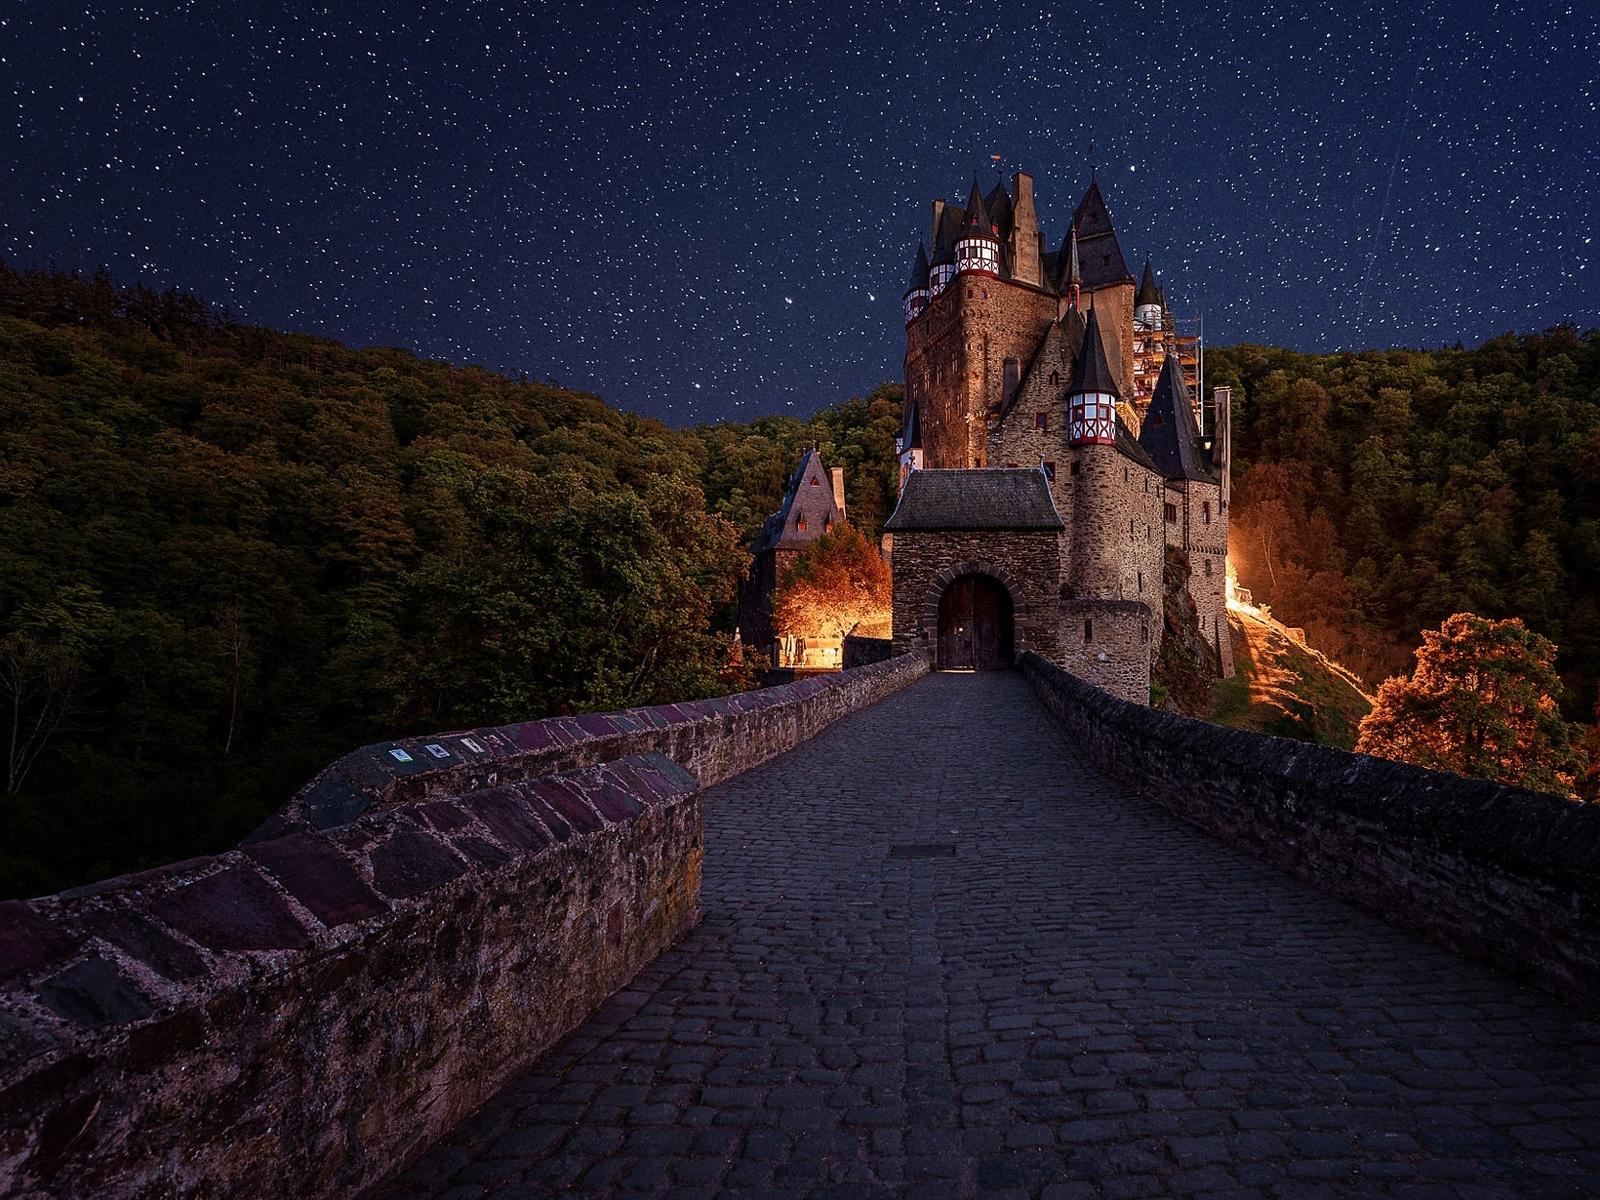 пейзаж, дорога, лес, небо, ночь, мост, звёзды, германия, освещение, замок эльц, burg eltz